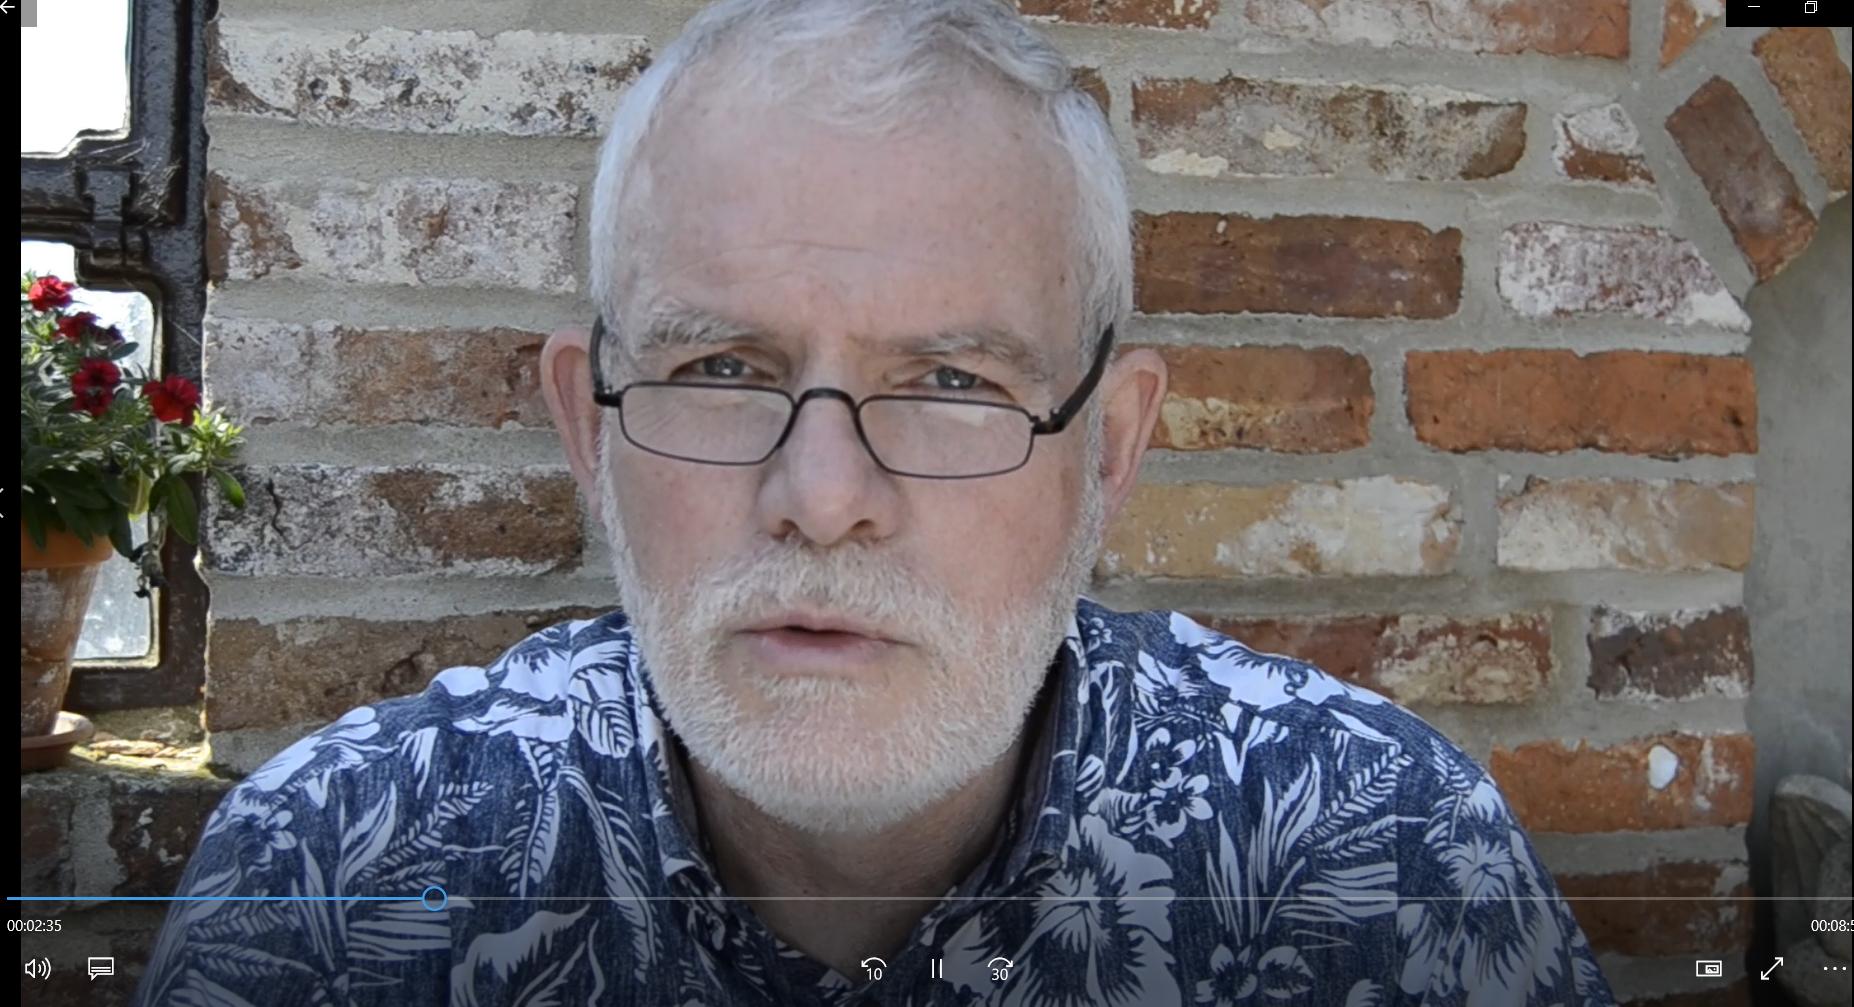 Video Heinrich Greving: Das Klicken auf dieses Bild öffnet ein neues Fenster.